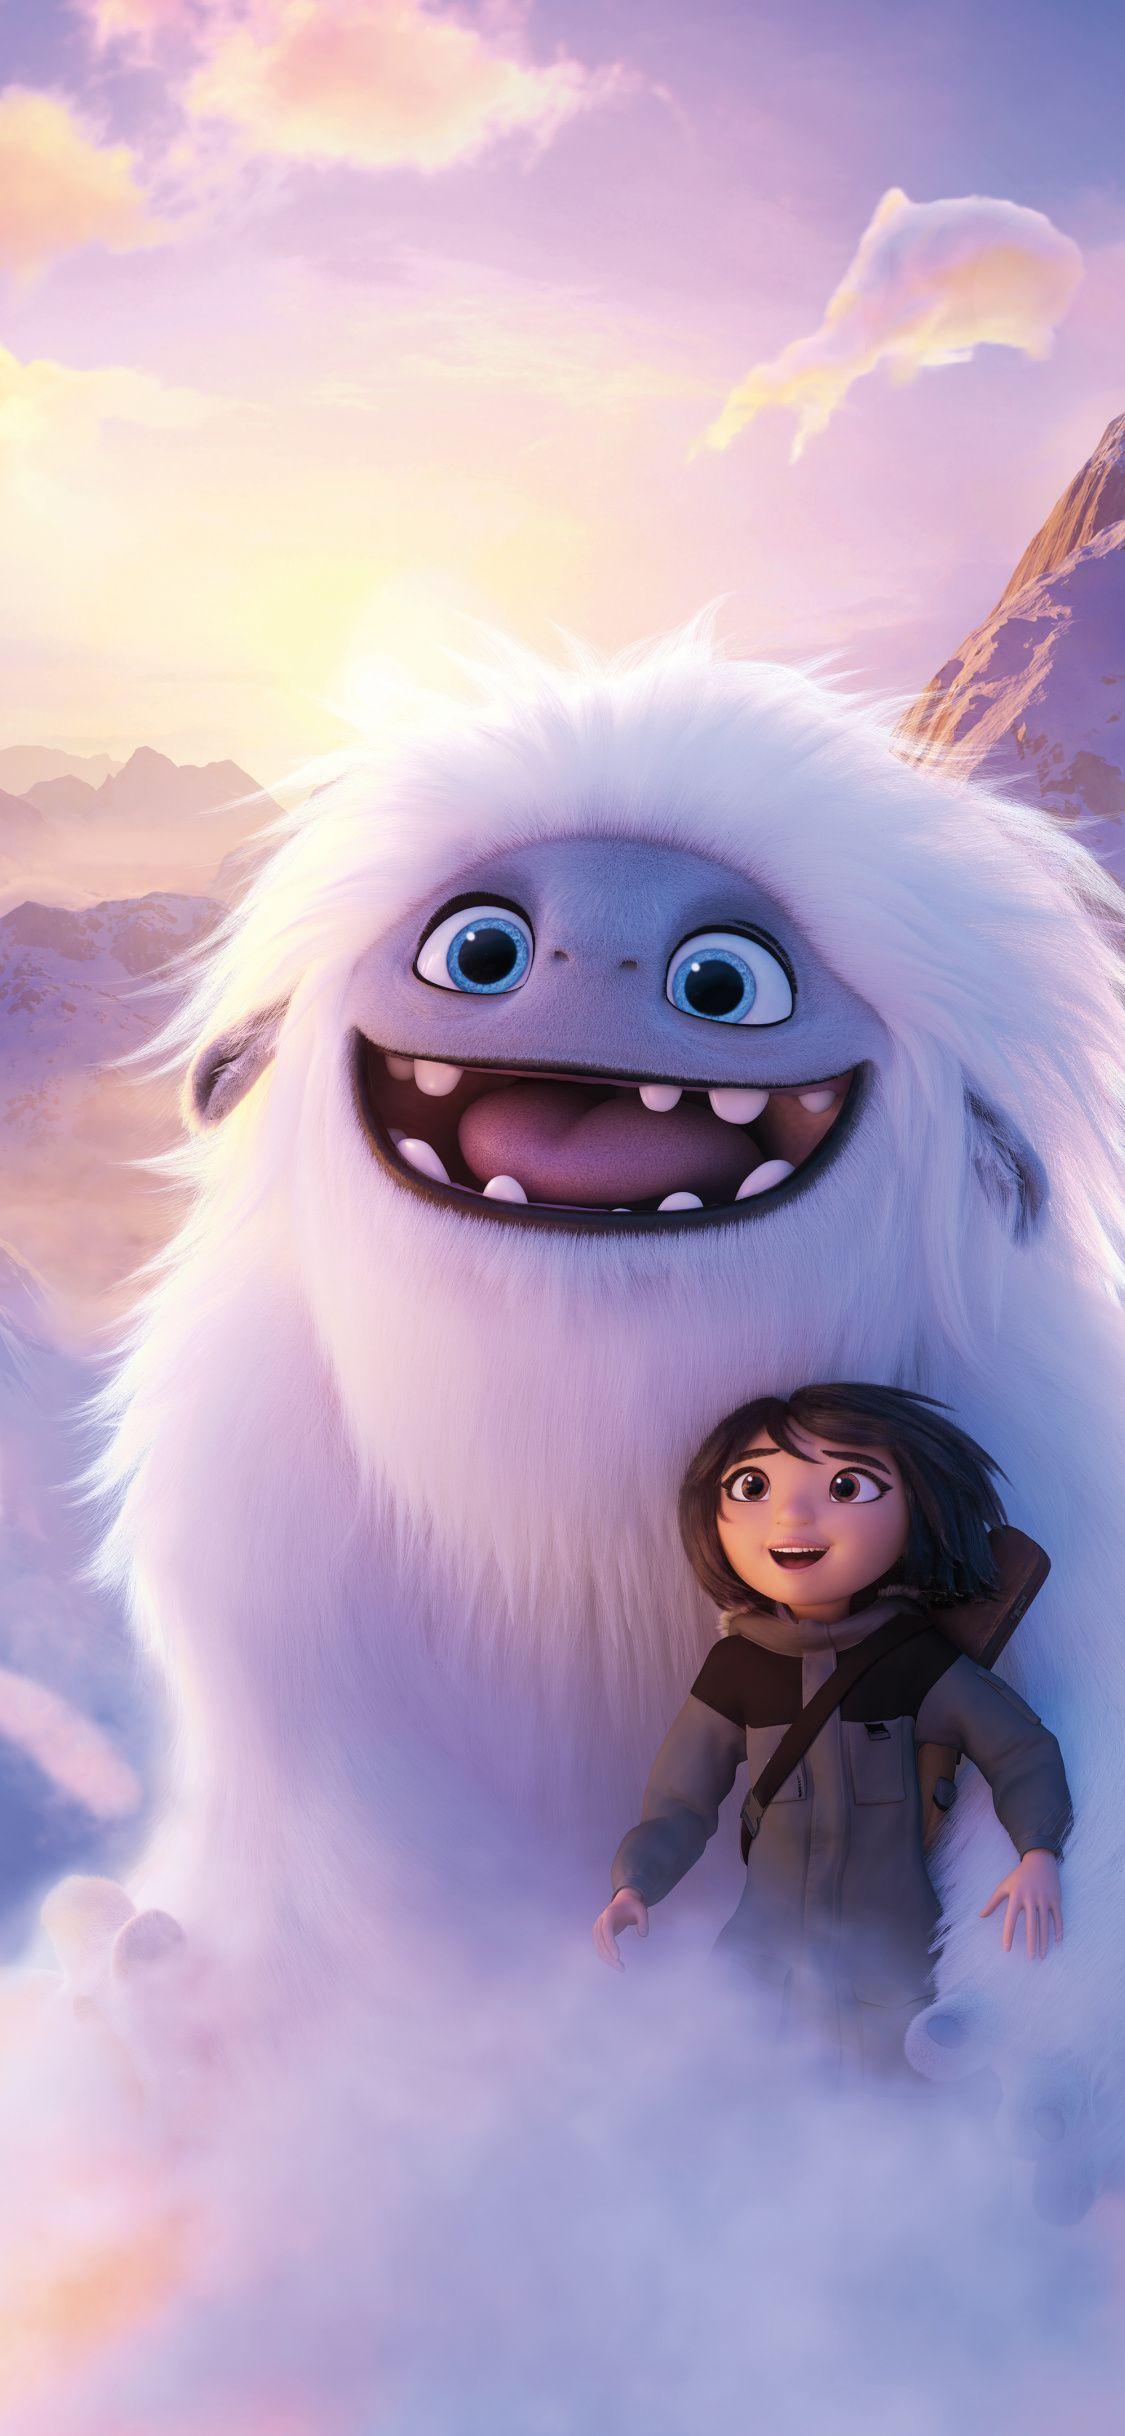 1125x2436 Abominable Yeti And Boy Clouds Flight 2019 Movie Wallpaper Perros De Disney Fondo De Pantalla De Aves Fondos De Pantalla De Peliculas